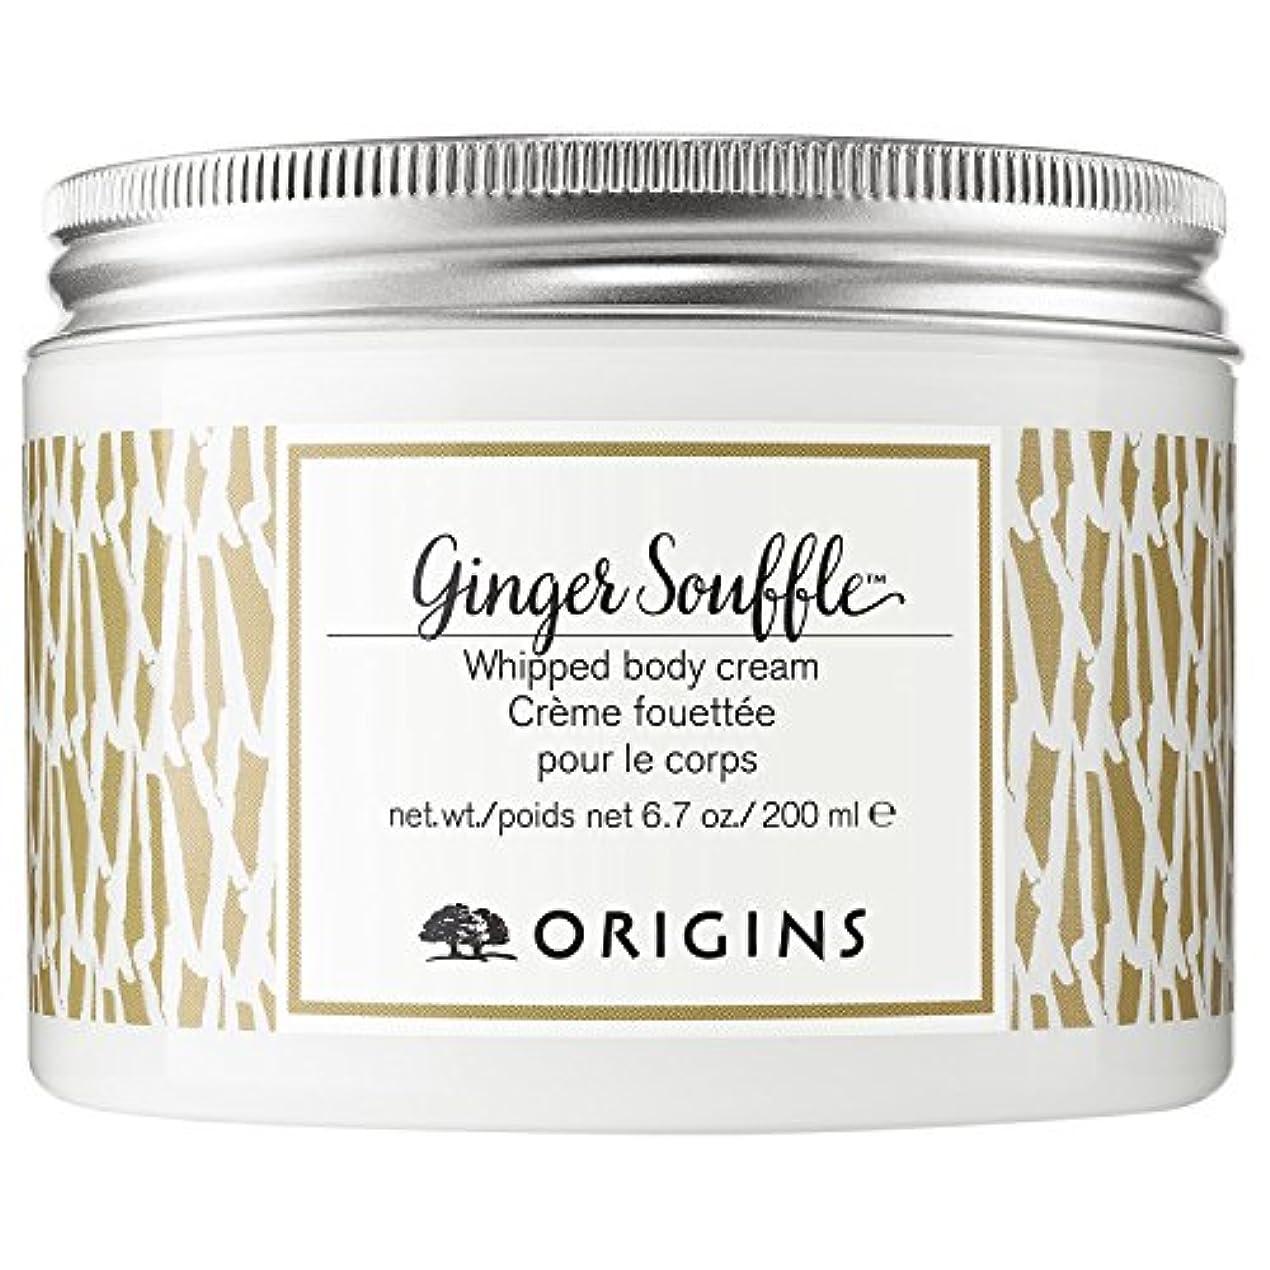 災難噴火不倫起源ジンジャースフレボディクリーム200ミリリットル (Origins) (x2) - Origins Ginger Souffl? Body Cream 200ml (Pack of 2) [並行輸入品]